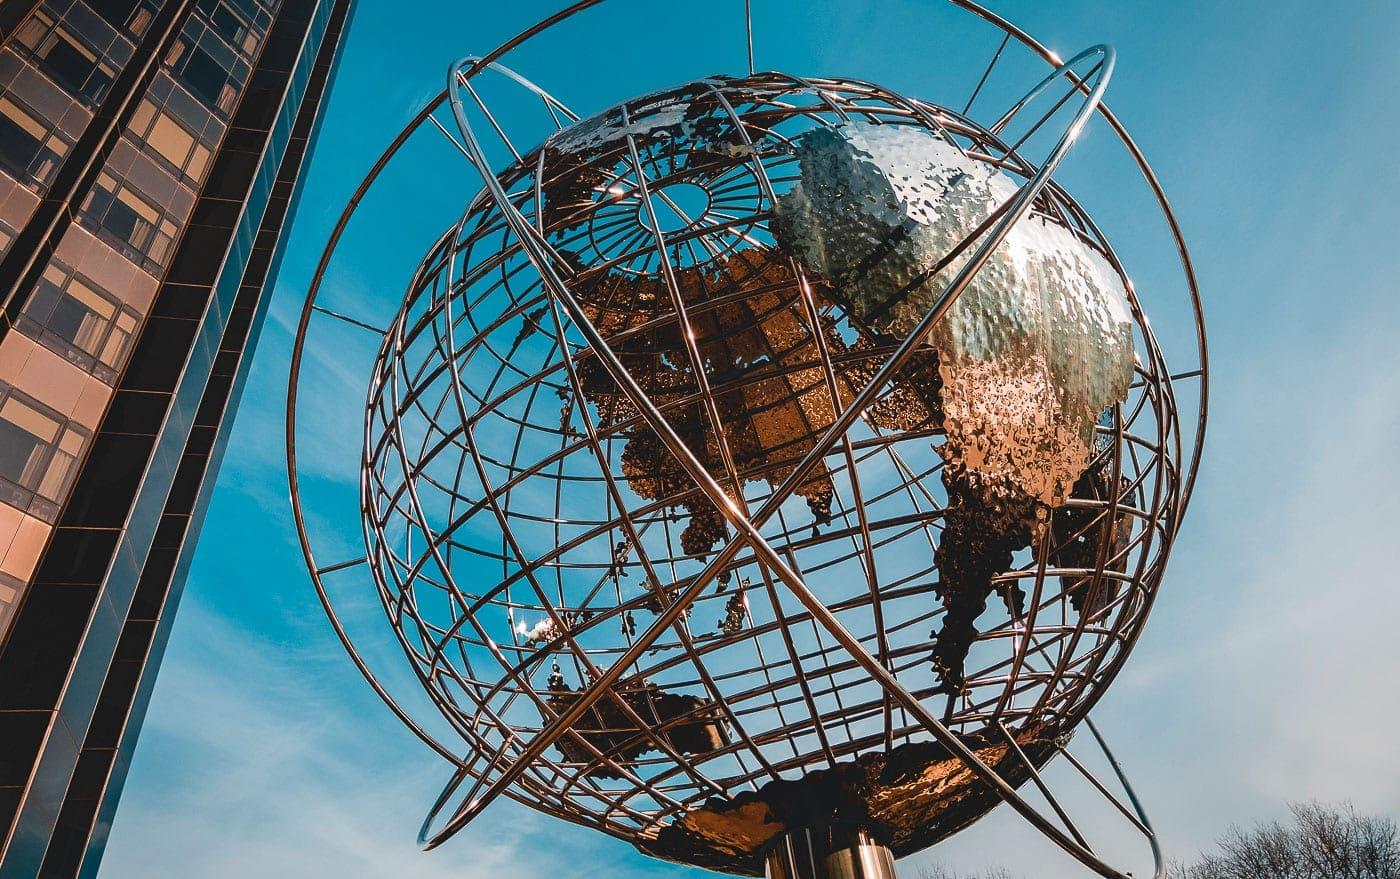 Columbus Circle - Roteiro de 7 dias em Nova York: o que fazer em uma semana em NYC